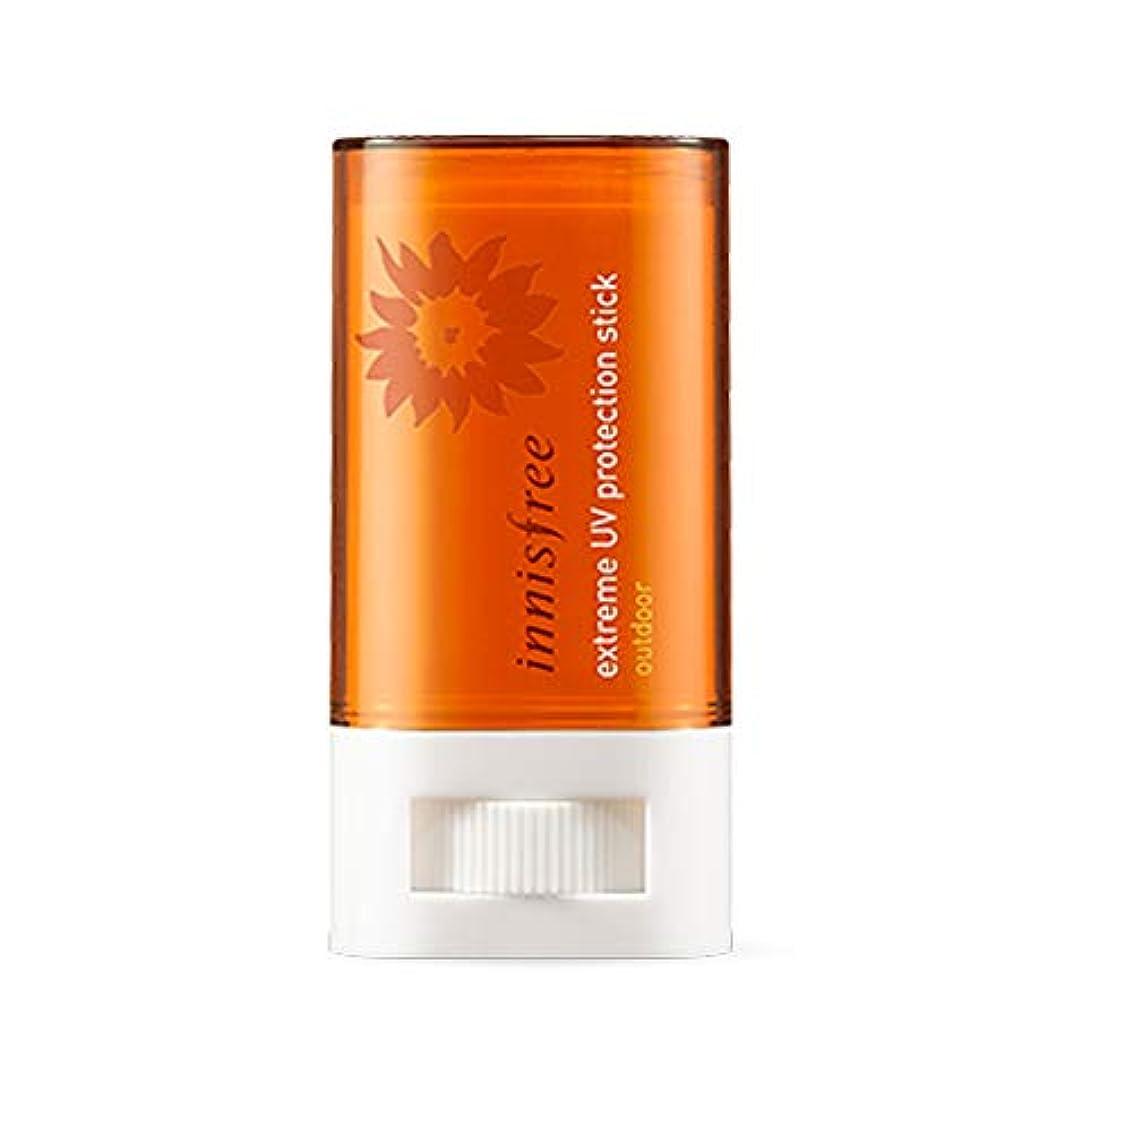 批判するいらいらさせるシュートイニスフリーエクストリームUVプロテクションスティックアウトドアSPF50 + PA ++++ 19g Innisfree Extreme UV Protection Stick Outdoor SPF50 + PA +...